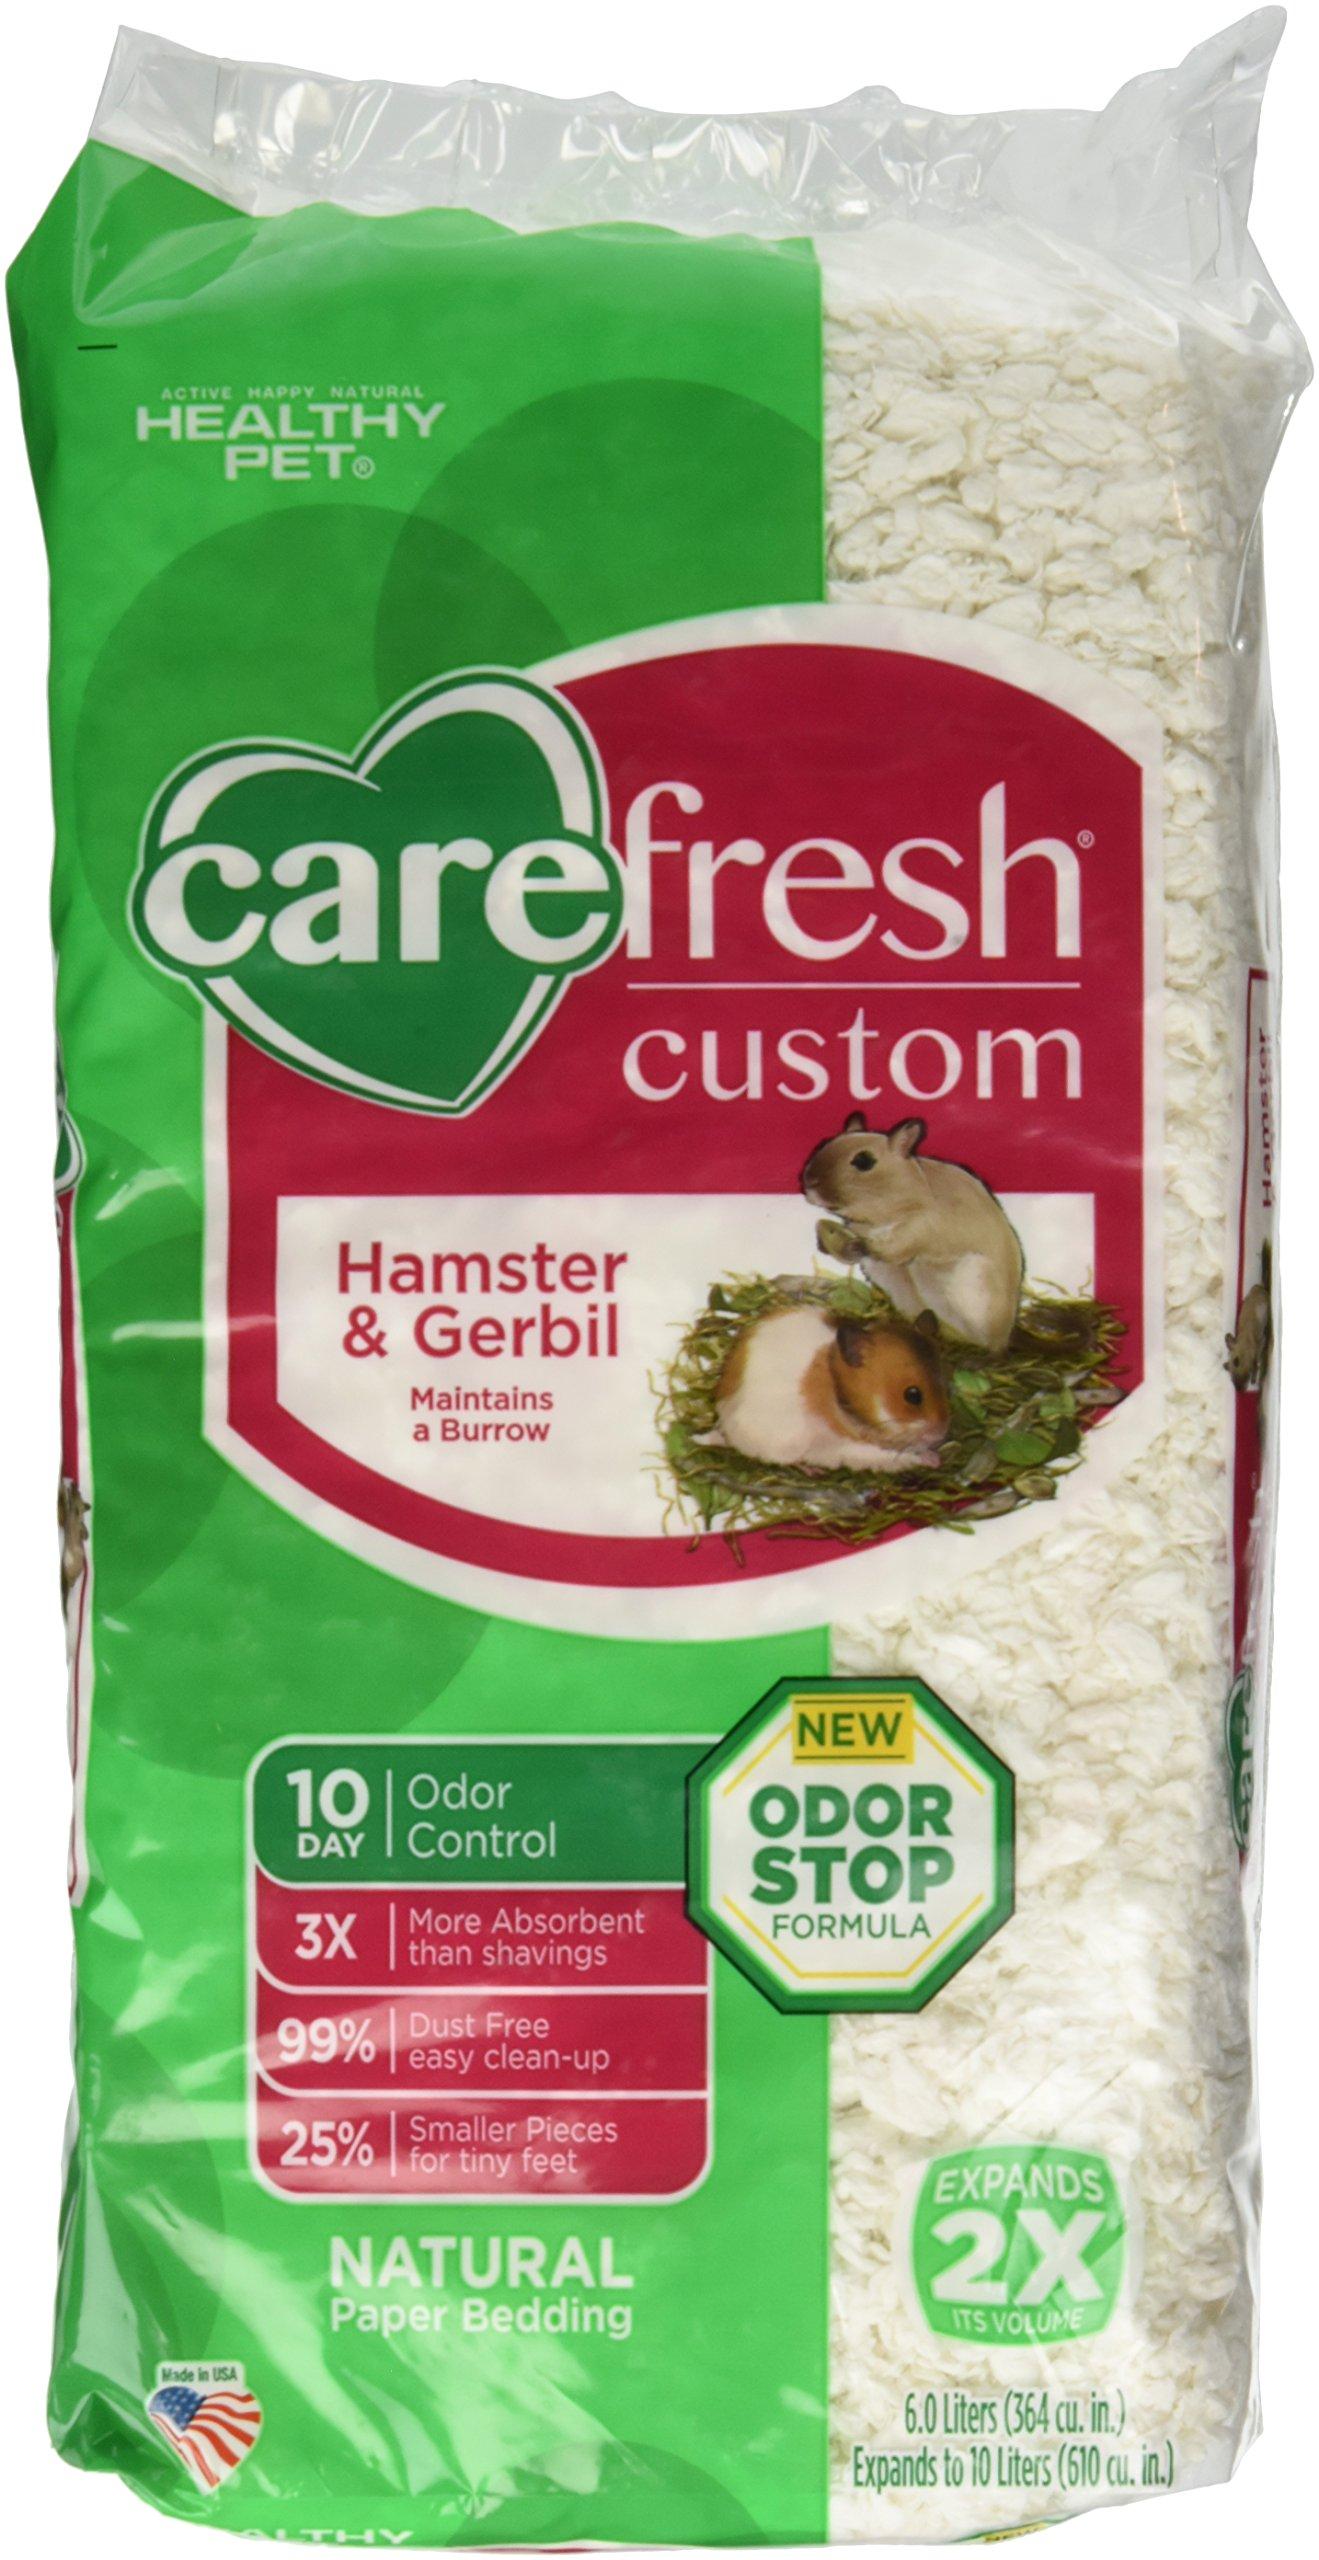 Carefresh Custom Hamster & Gerbil Bedding - White - 10 lt